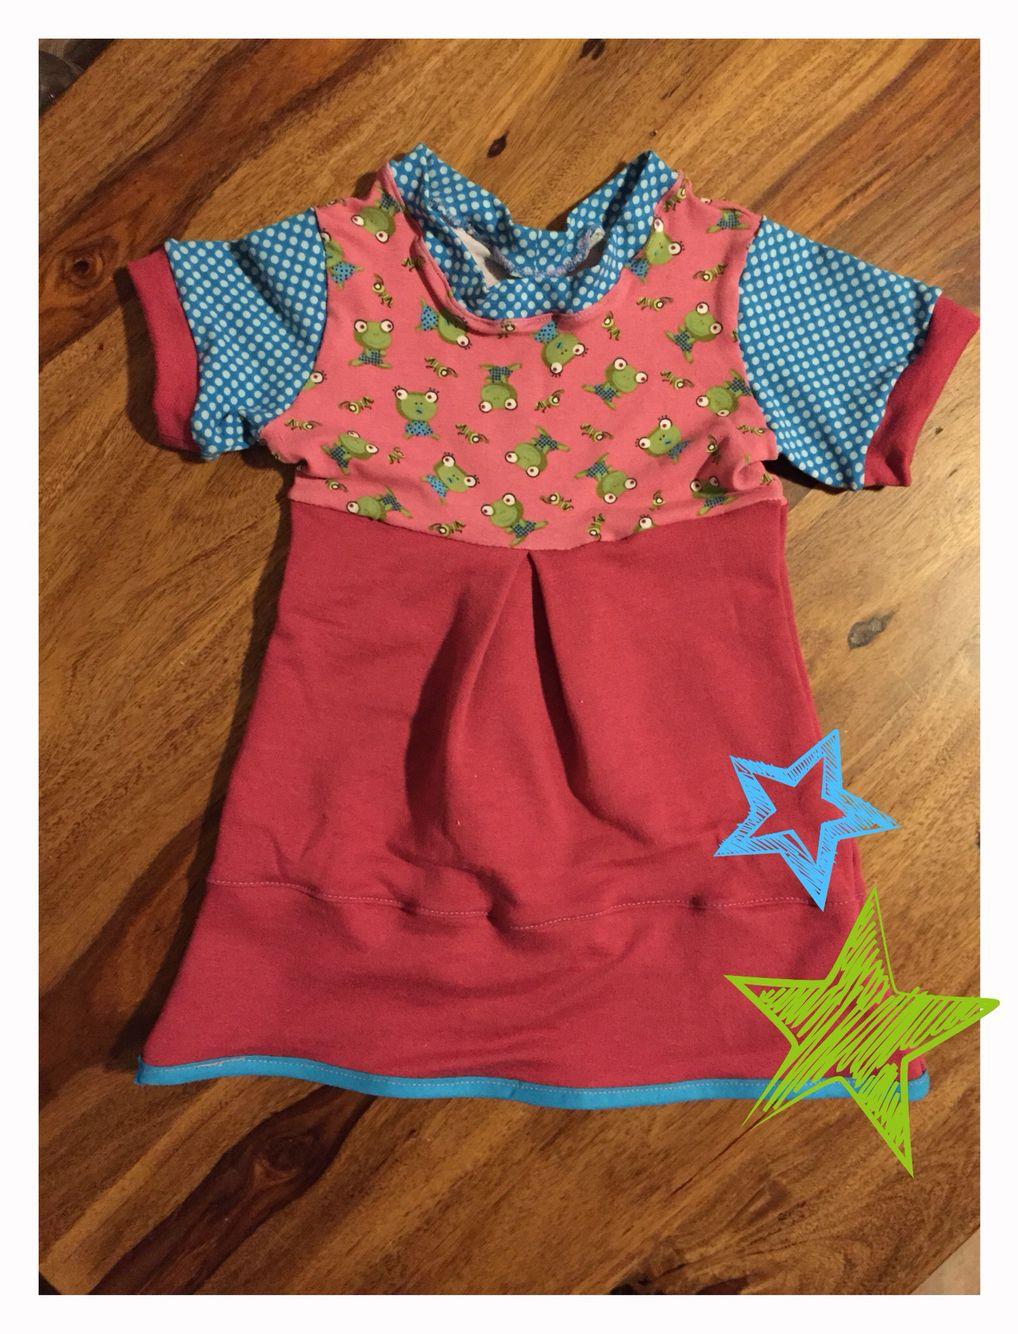 Kleidchen nach dem Schnittmuster von Schnabelina  www.facebook.com/vivadivabypatricia